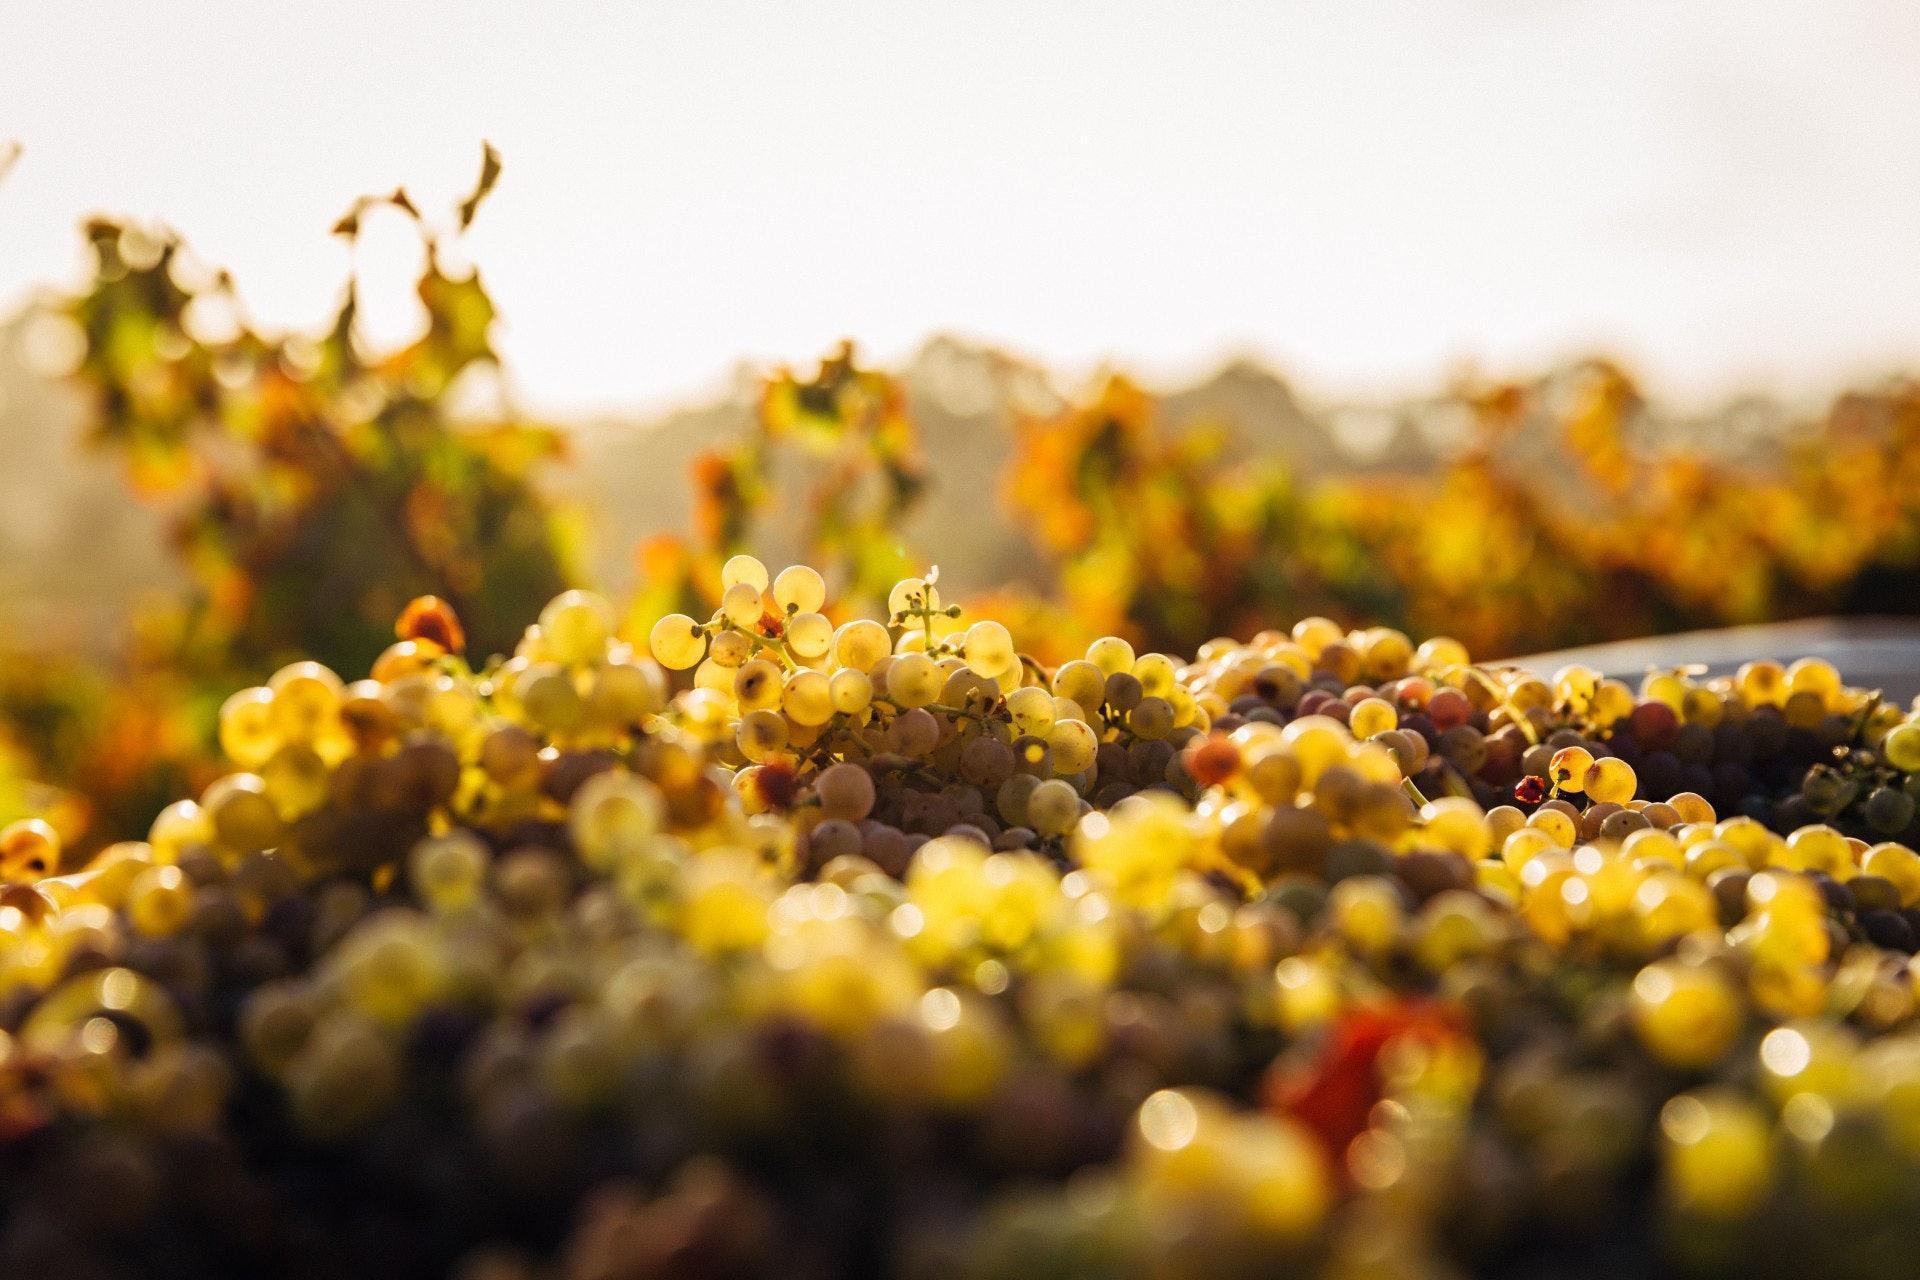 釀造 Sherry 會用到三種白葡萄品種:帕諾米諾(Palomino)、佩德羅-希梅內斯(Pedro Ximenez,簡稱PX)、亞歷山大麝香(Muscat of Alexandria)。(unsplash@Thomas Schaefer)